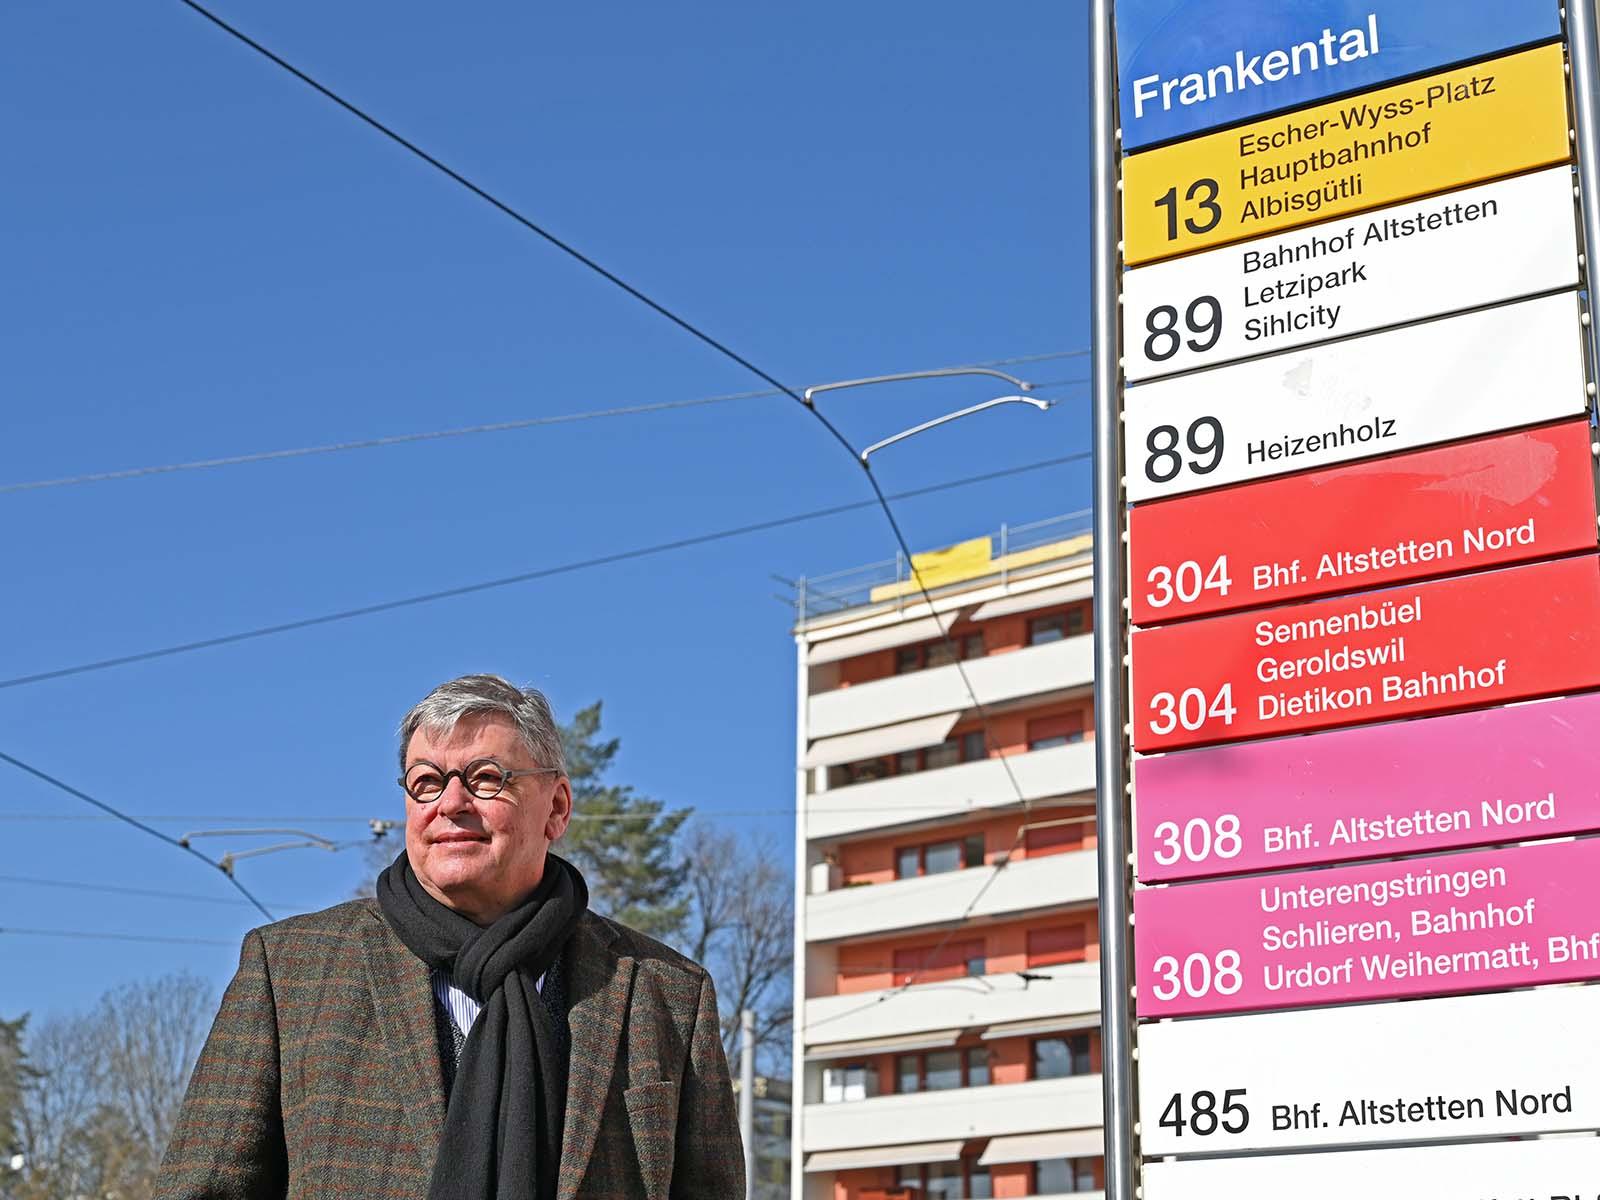 Gerd Folkers an der Endhaltestelle der Tramlinie 13 im Frankental, wo er auch zuhause ist.